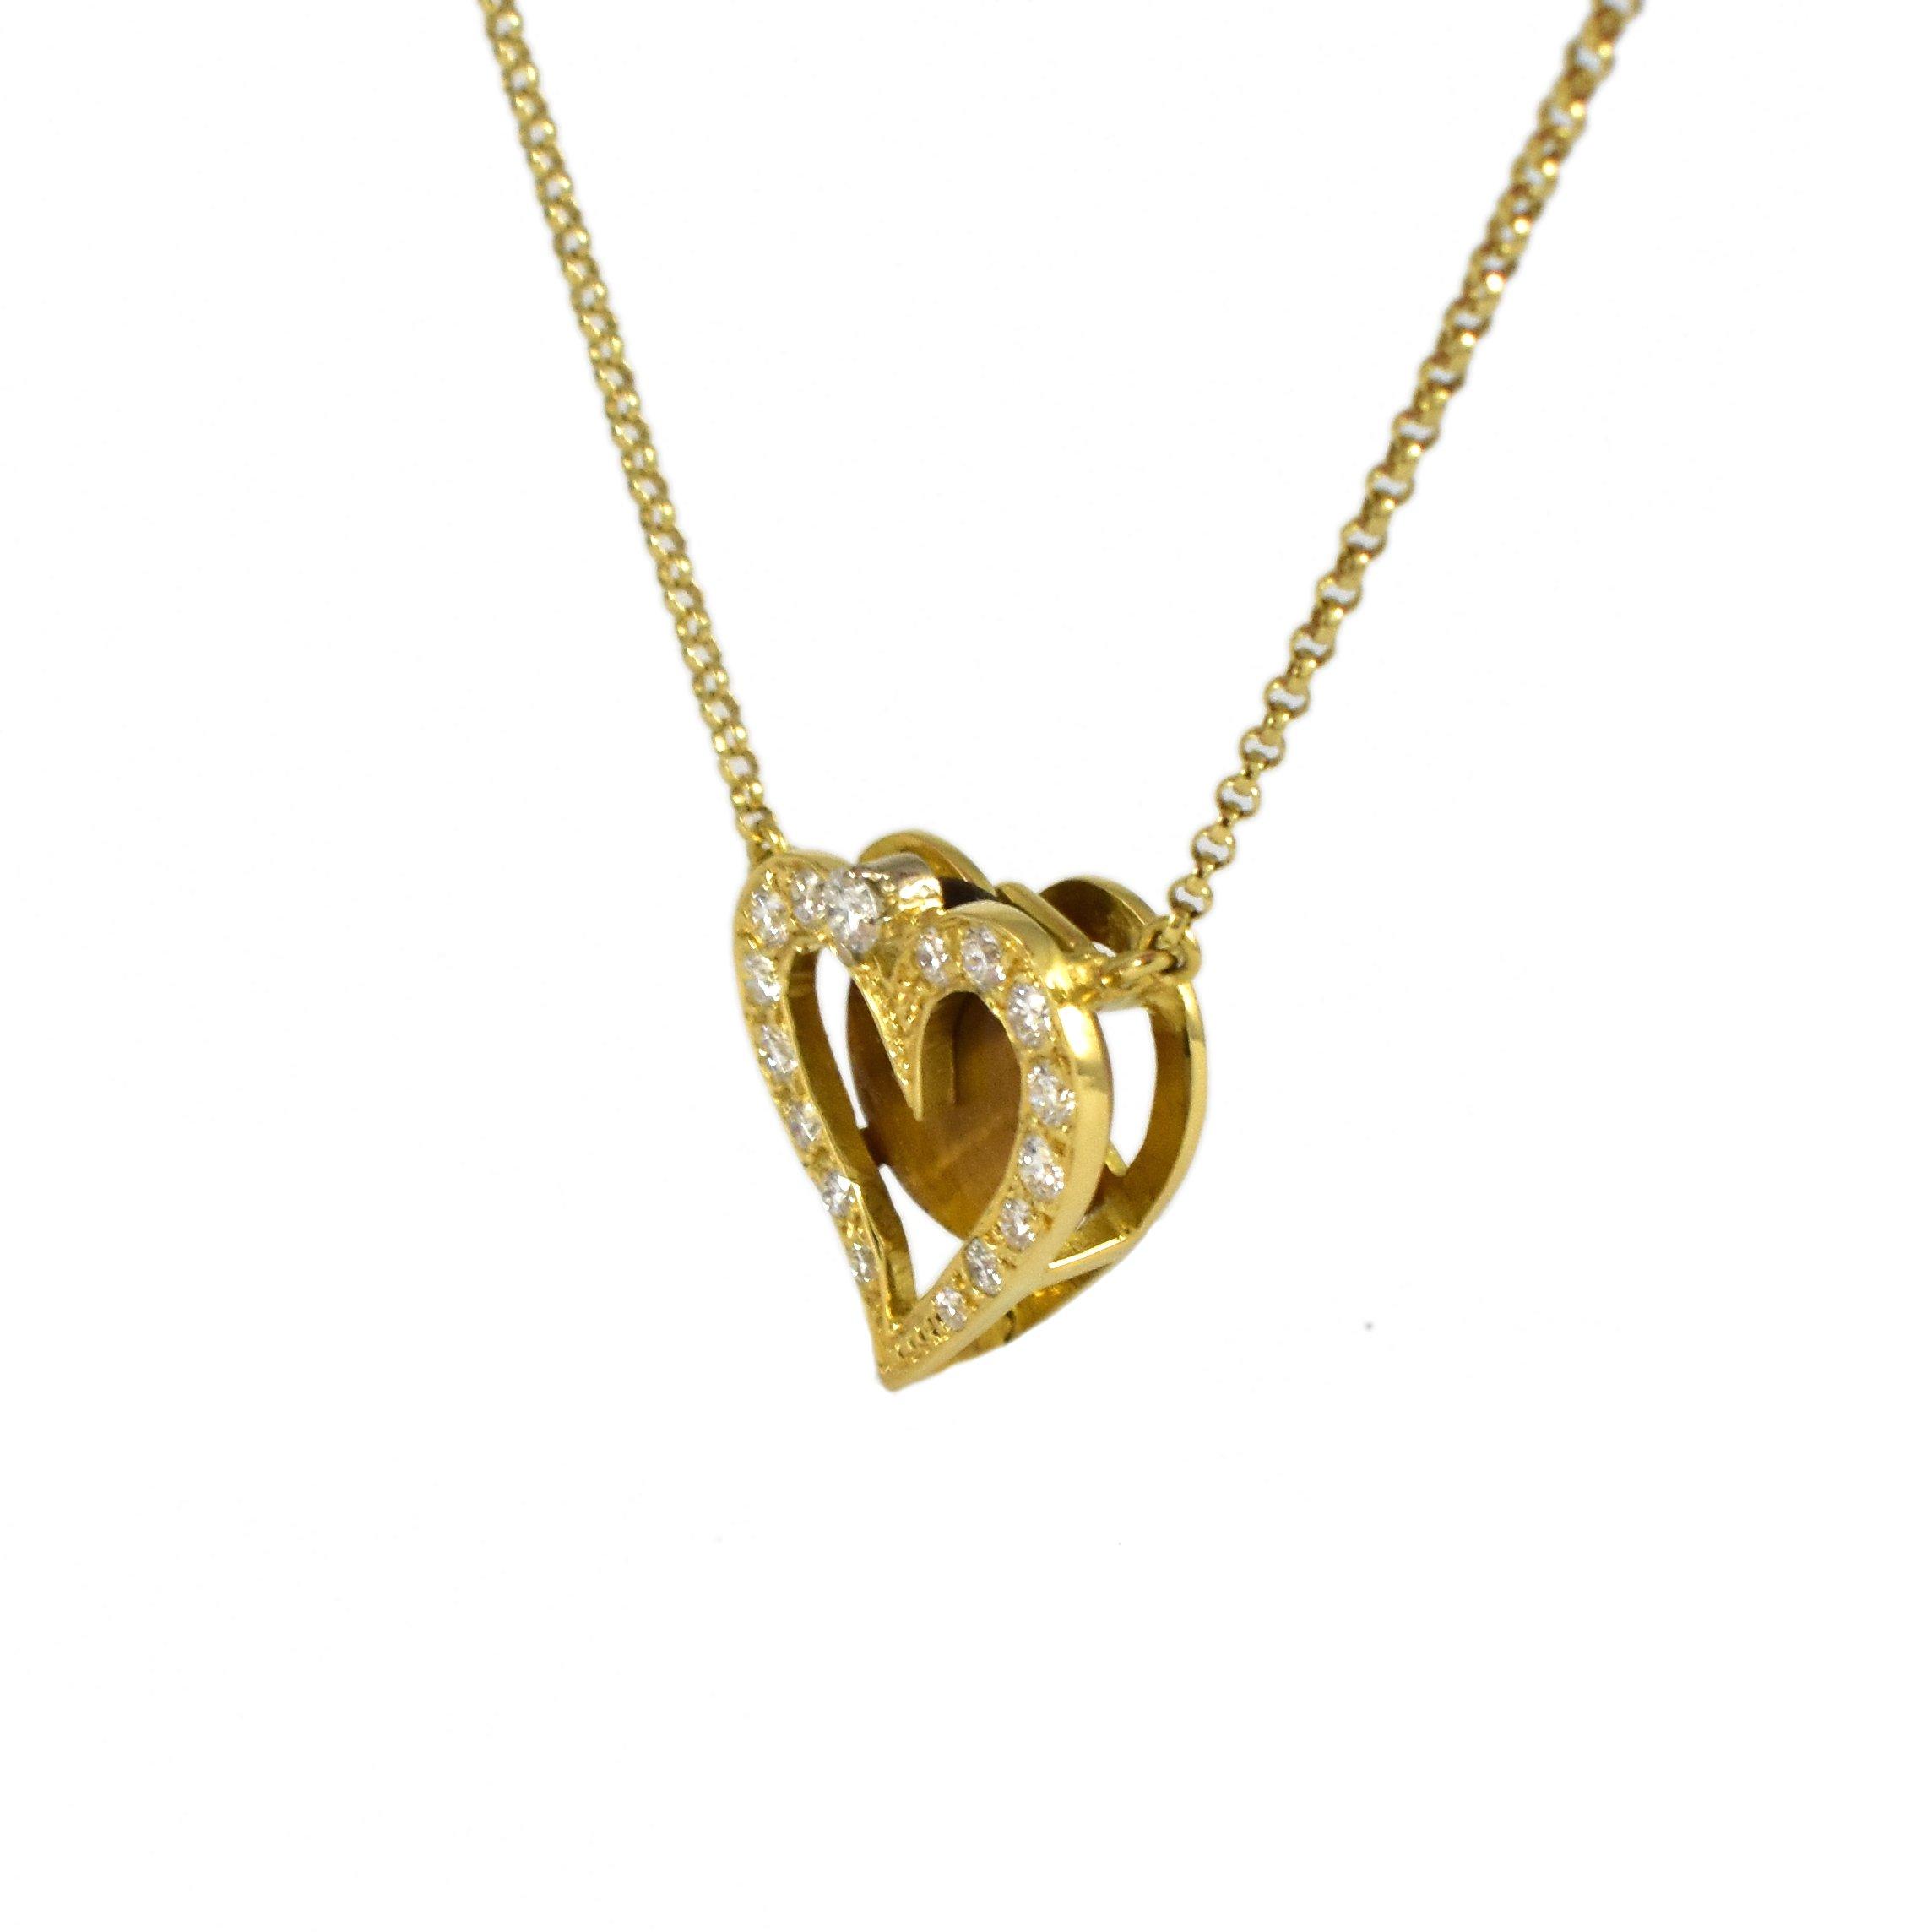 Daou Jewellery 18kt Gold & Diamond Heart in Heart Pendant - 18 inch, 45 cm